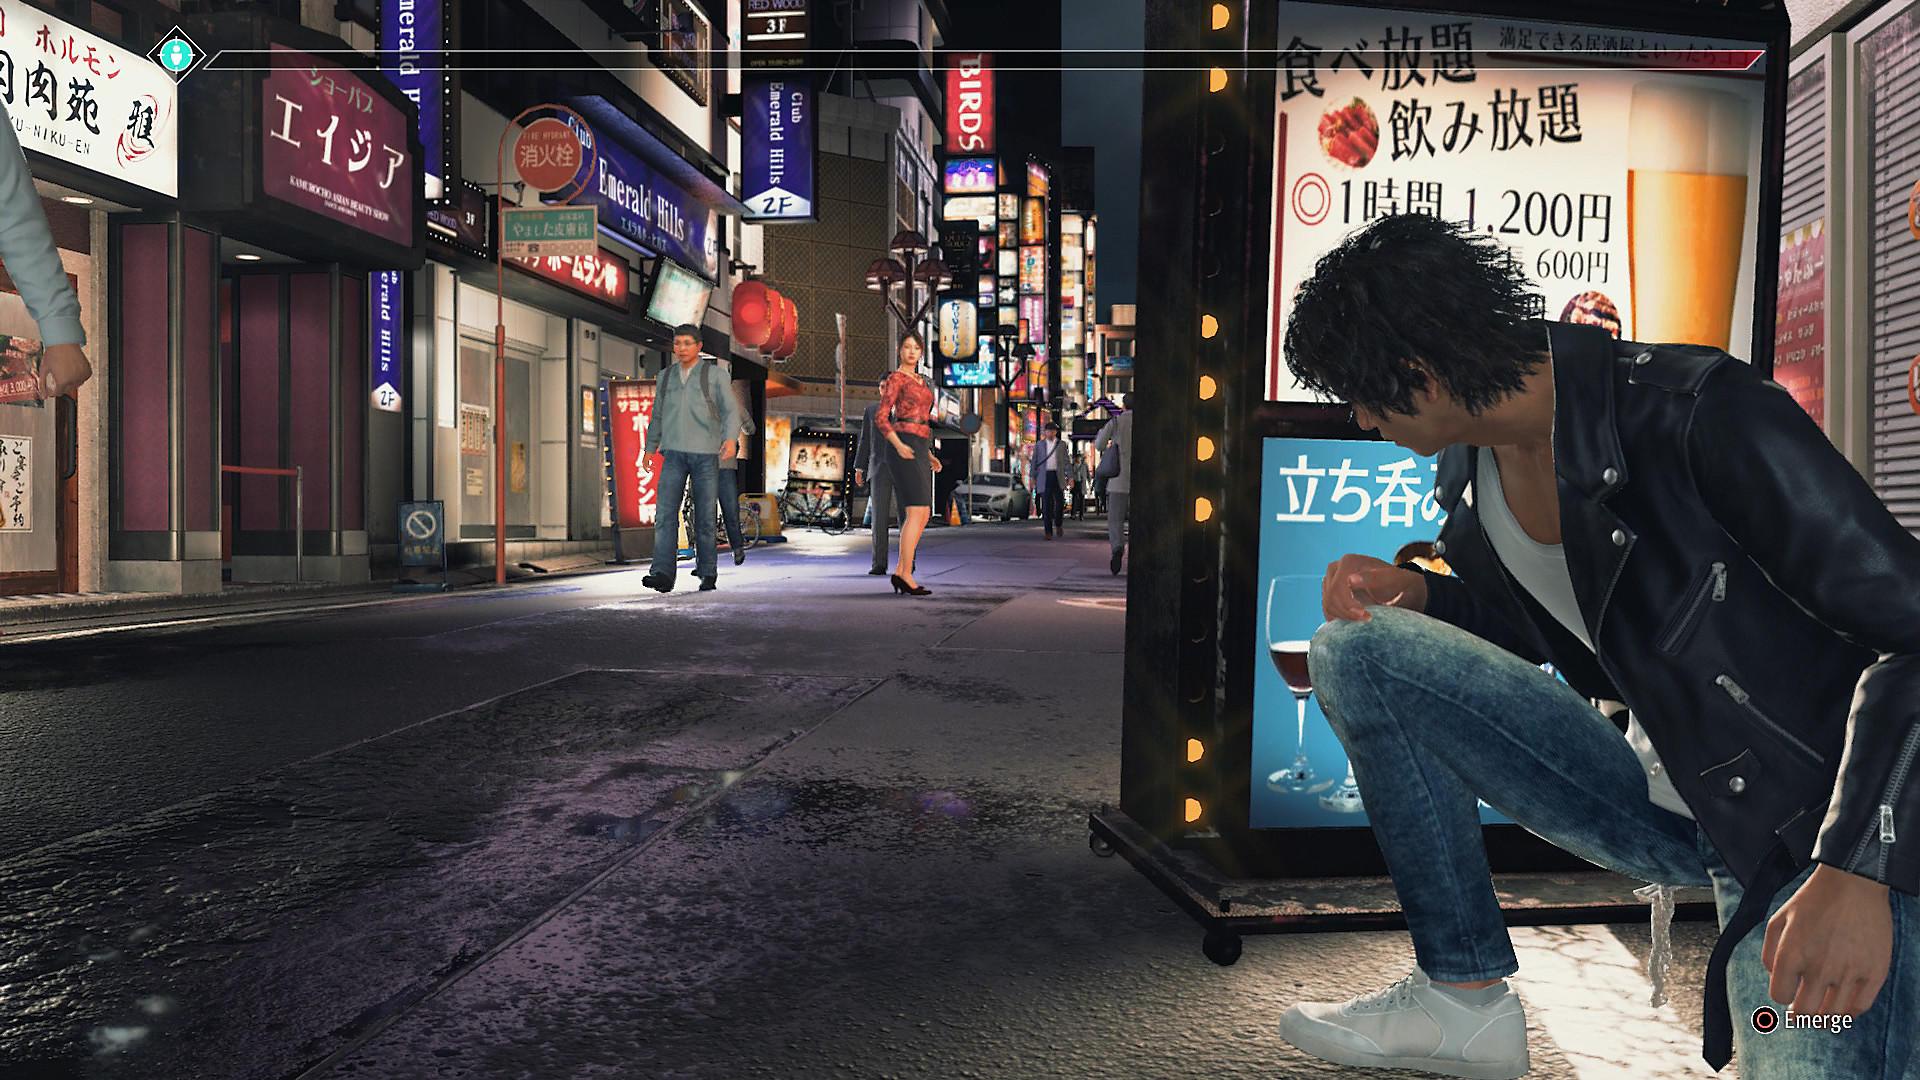 Salapoliisi hiippailee huomaamattomasti Tokion kaduilla.